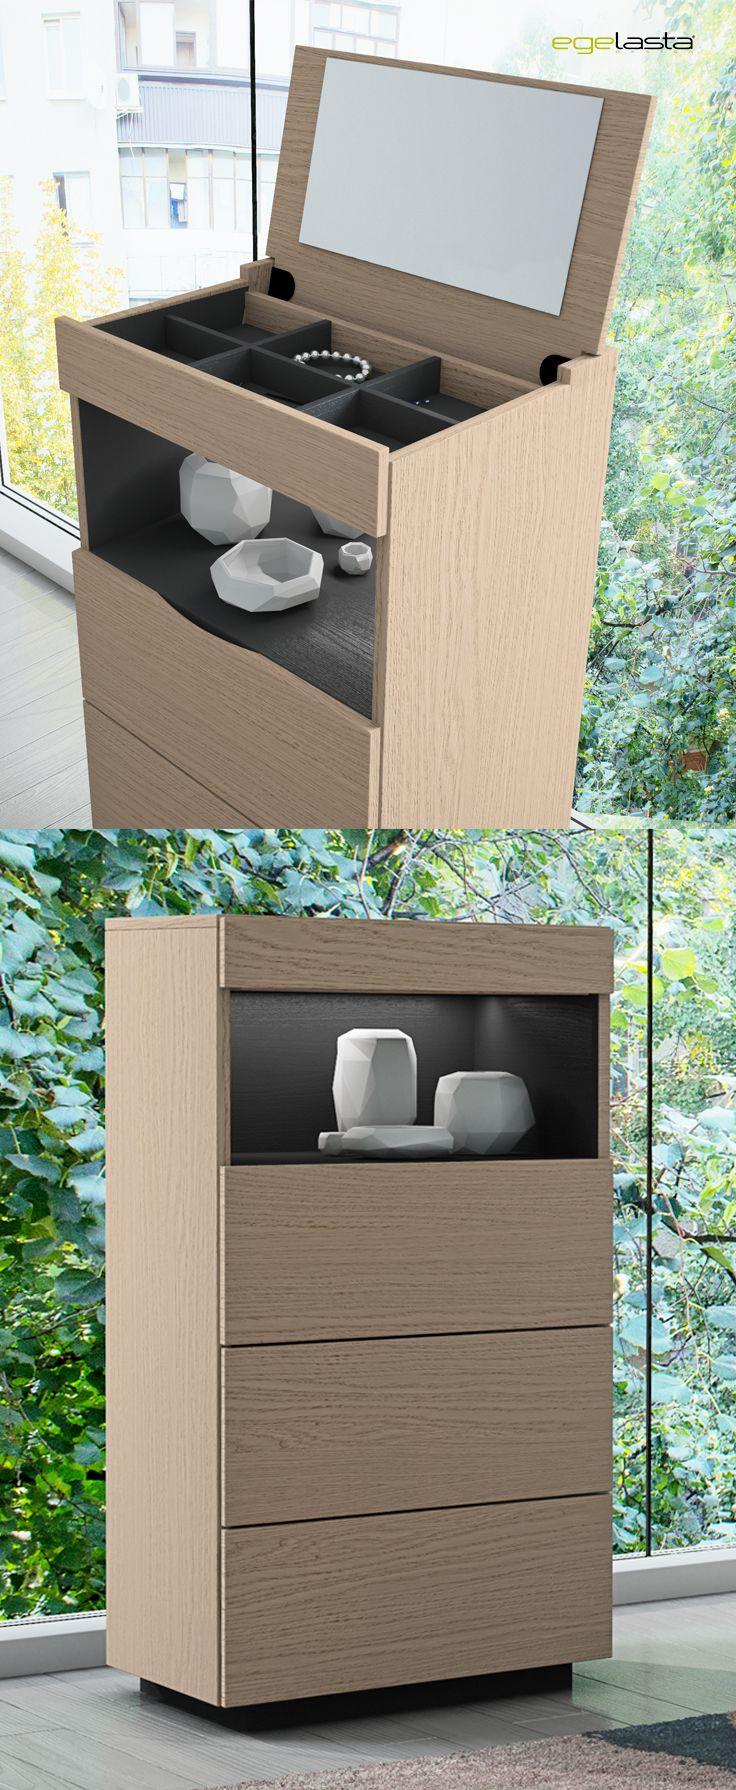 Egelasta · Mueble · Moderno · Madera · Mobiliario de hogar · Catálogo New Live · Noche · Dormitorio · Chifonier con tocador y espejo · Roble nórdico y laca antracita